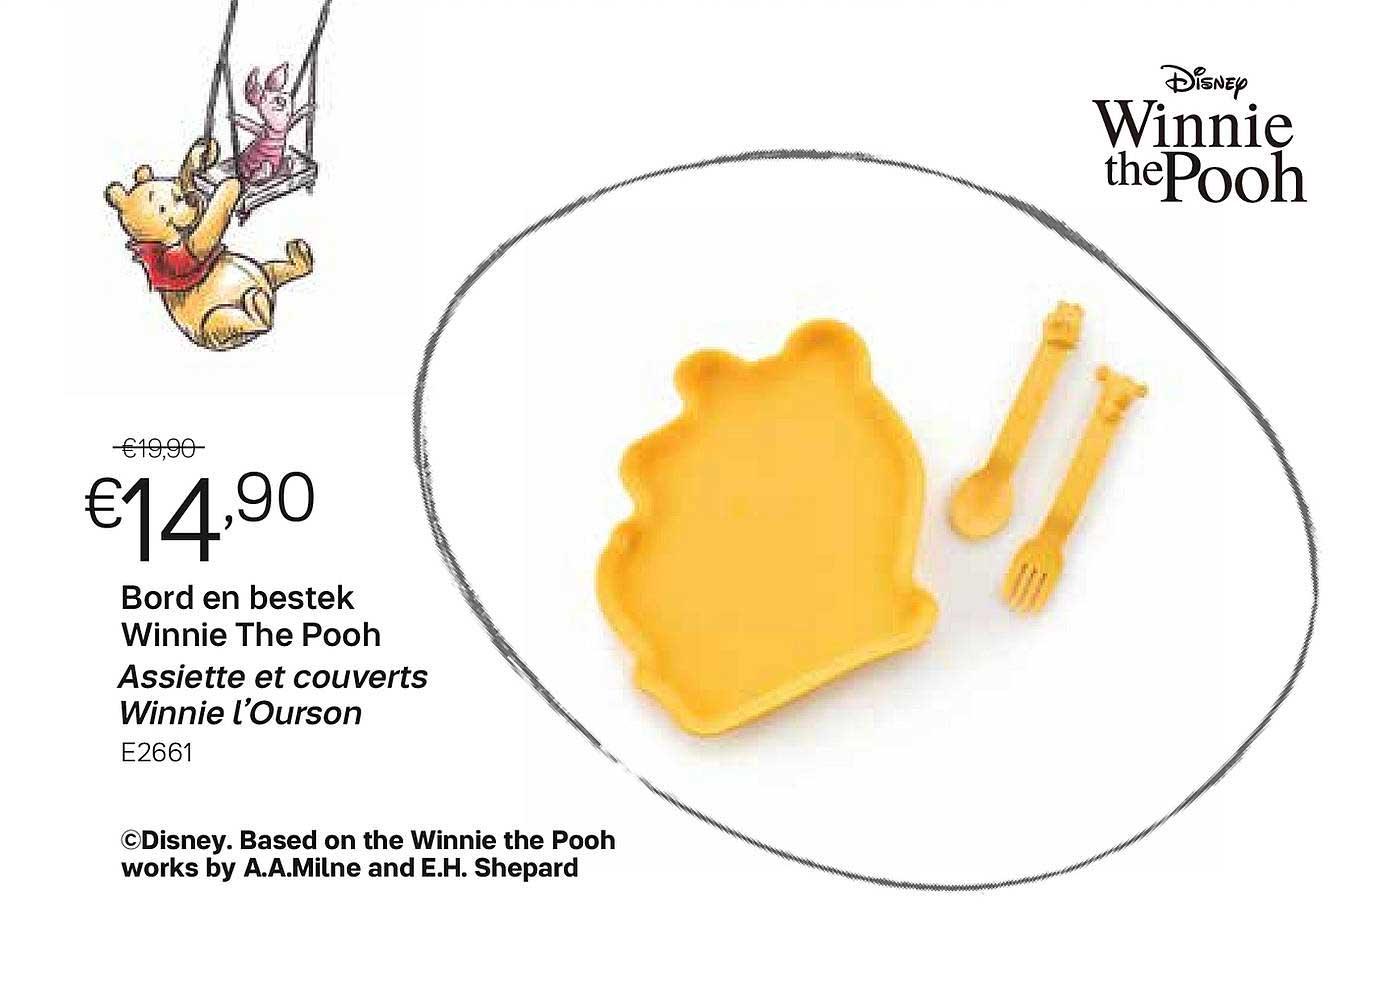 Tupperware Bord En Bestek Winnie The Pooh